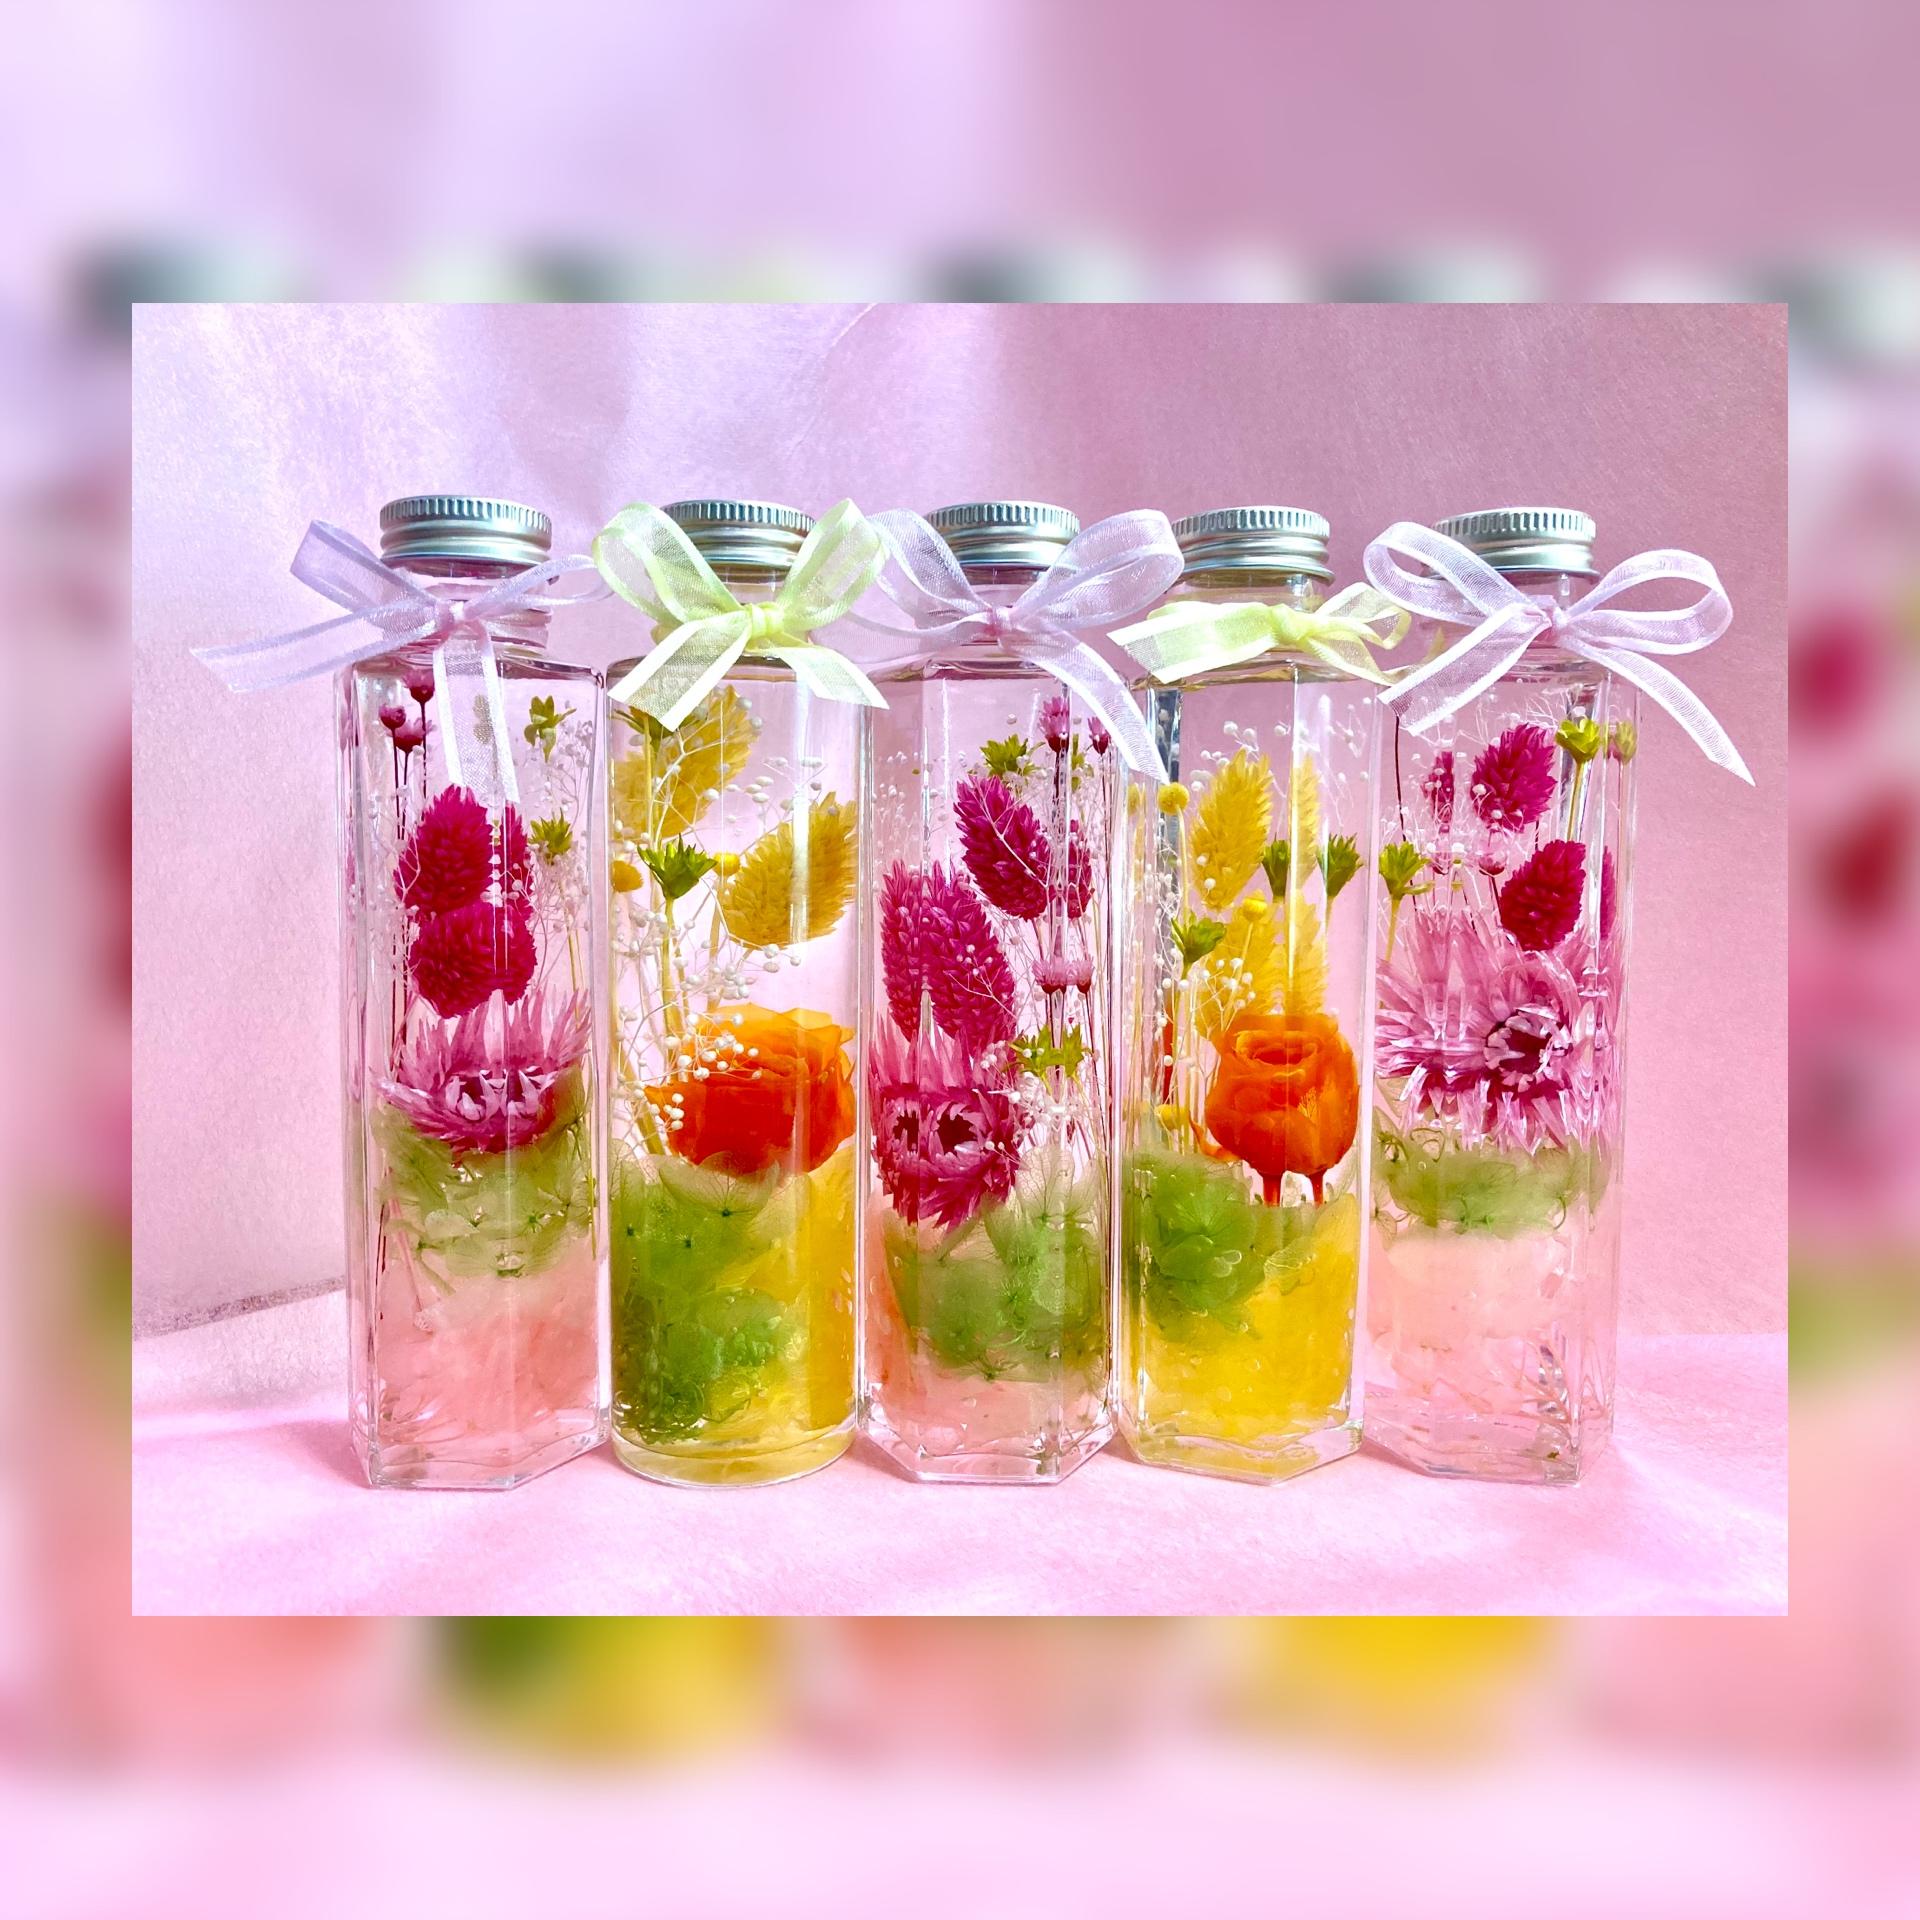 小豆島のお花屋【フラワーショップ 瑞花】さんの… 『ハーバリウム』